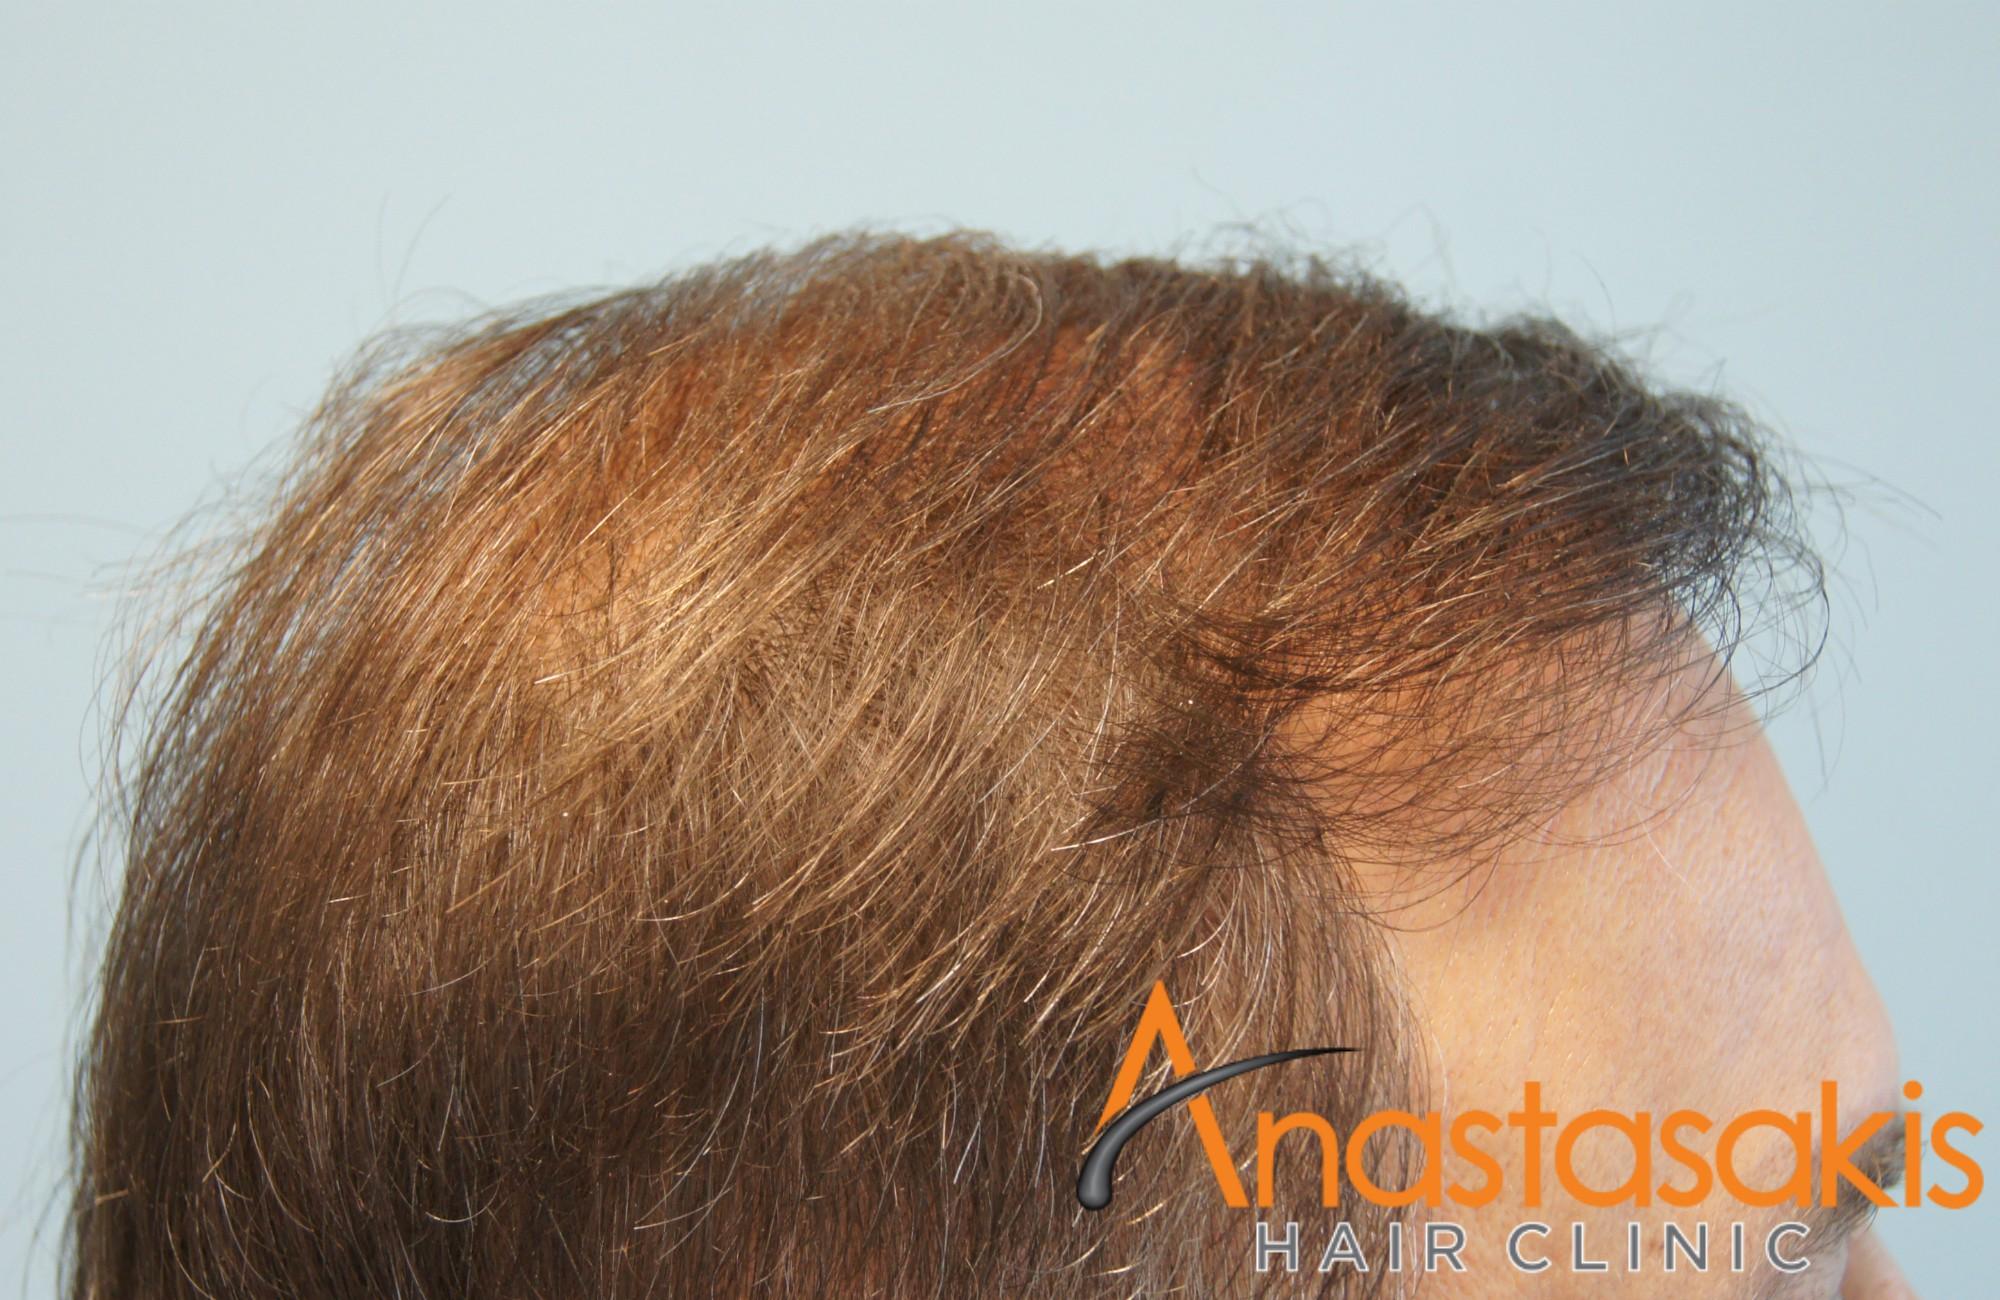 άνδρας μετά την επέμβαση μαλλιών fut με 3500fus δεξί προφίλ